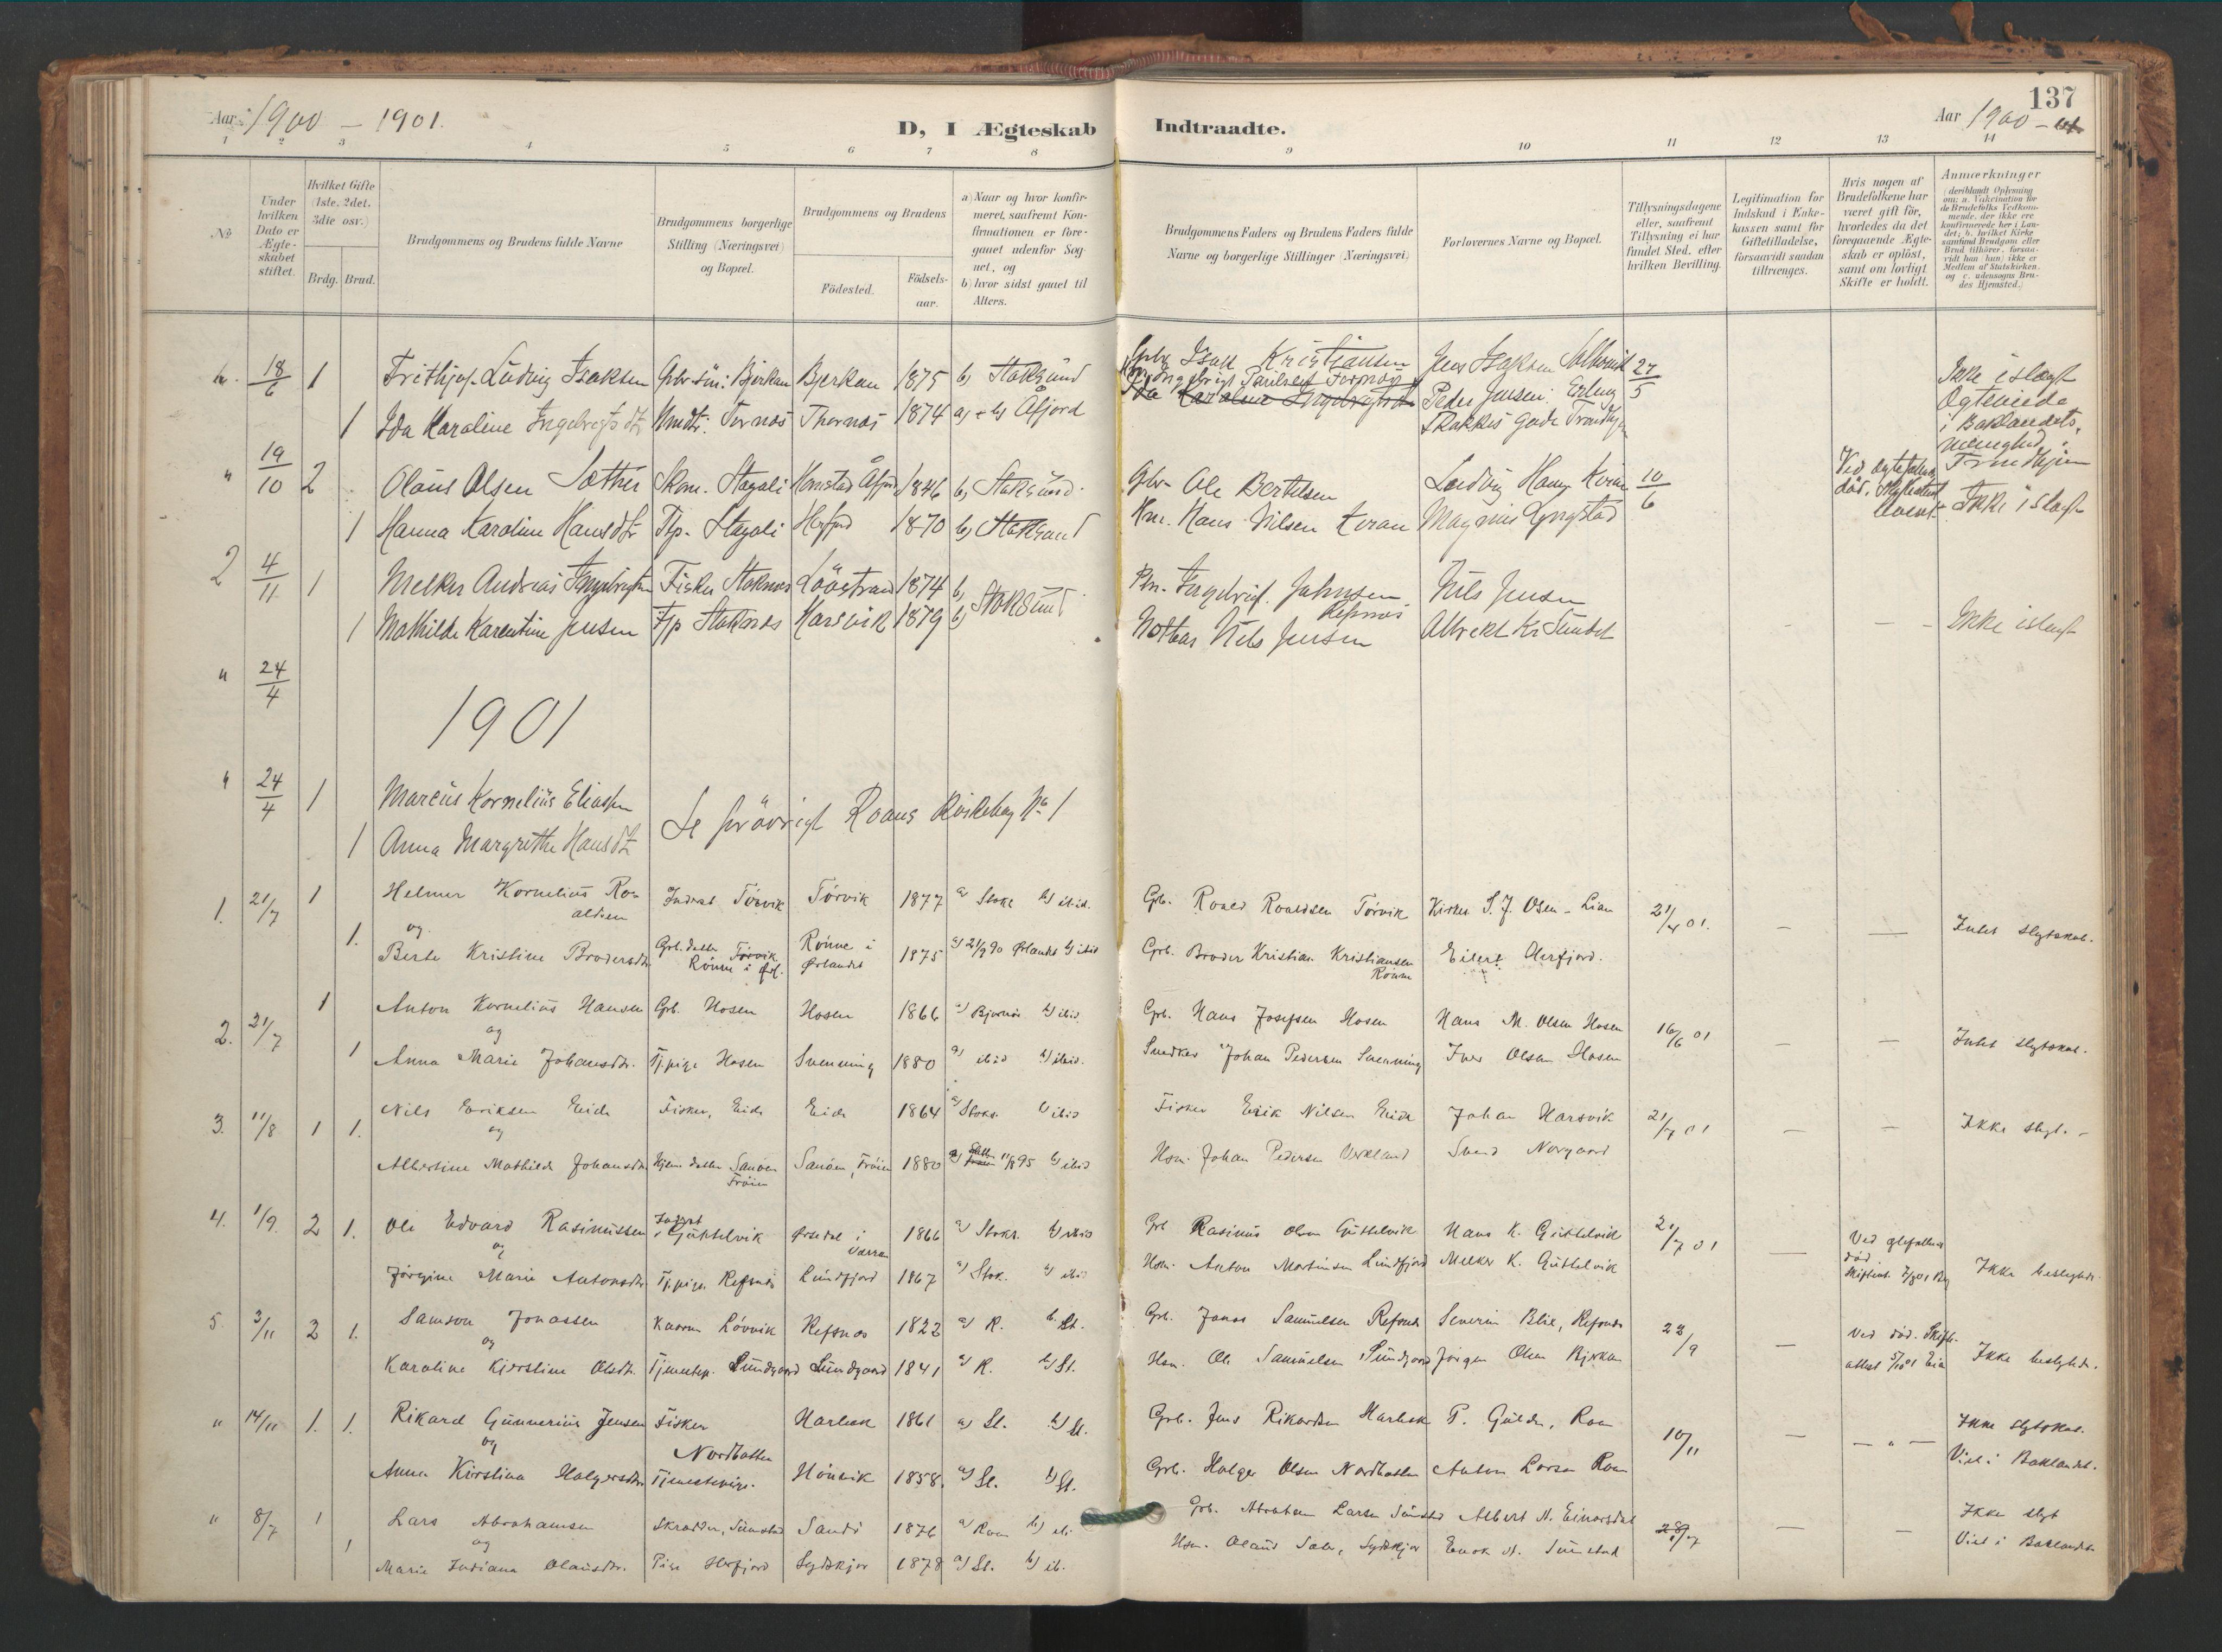 SAT, Ministerialprotokoller, klokkerbøker og fødselsregistre - Sør-Trøndelag, 656/L0693: Ministerialbok nr. 656A02, 1894-1913, s. 137